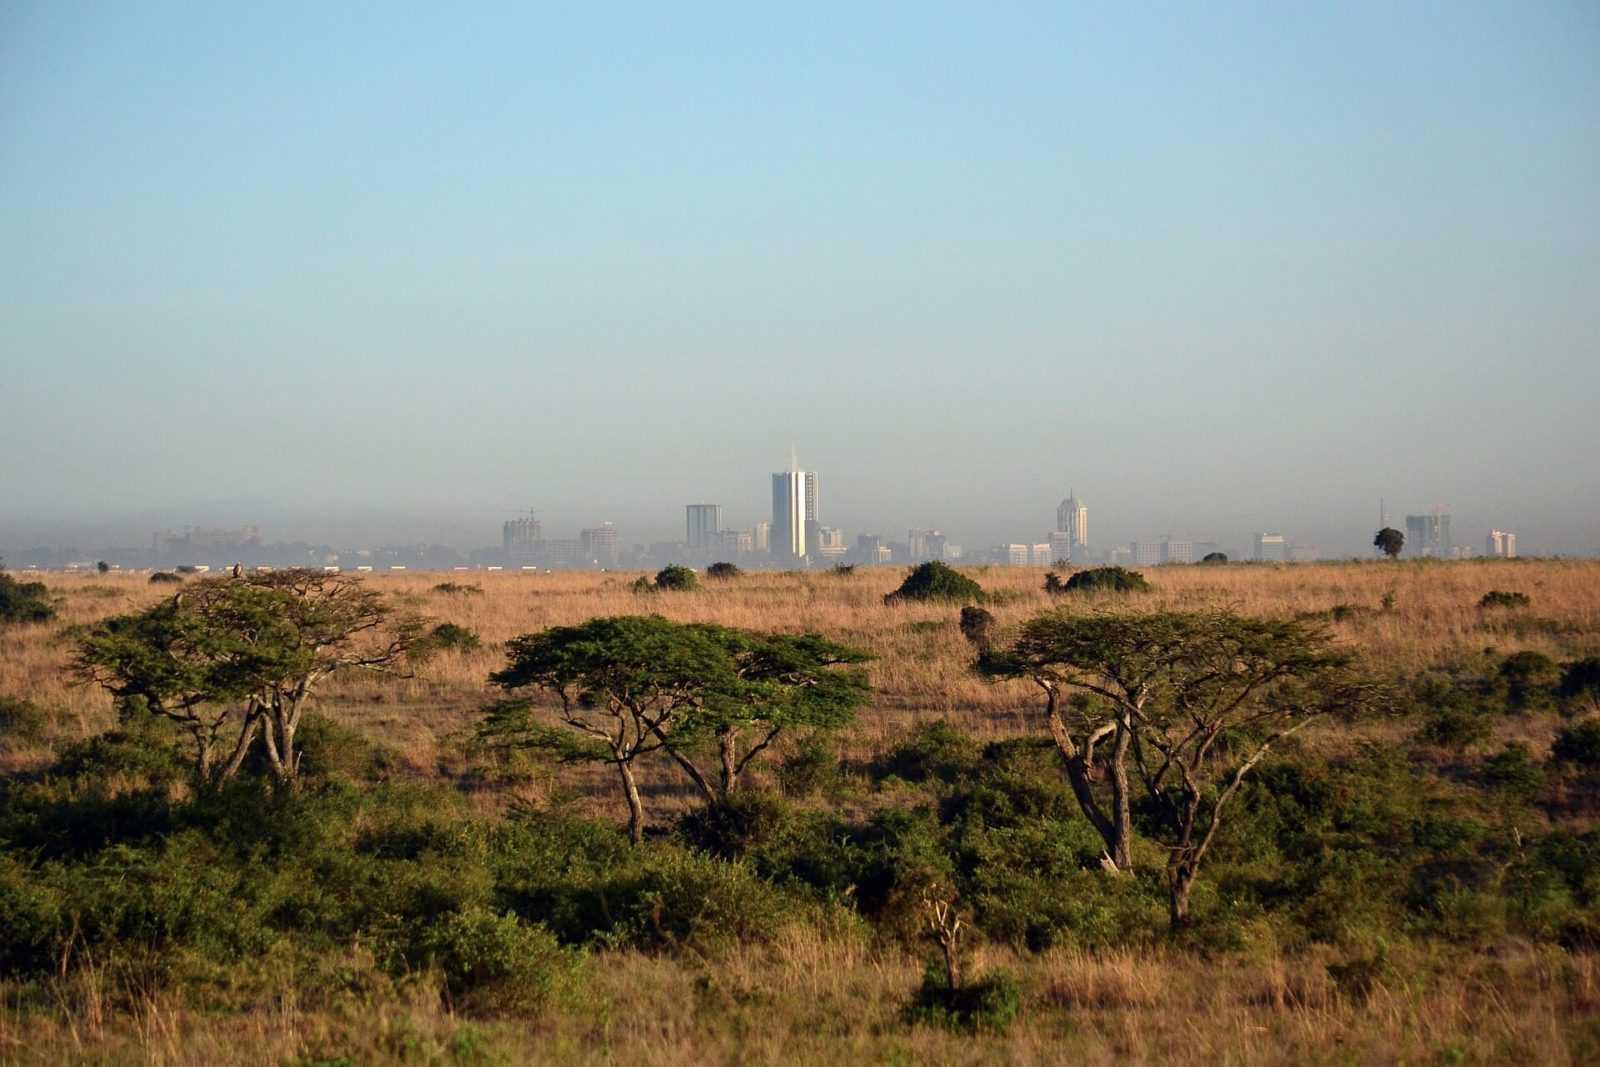 Kenya's National Parks - Nairobi NationalPark